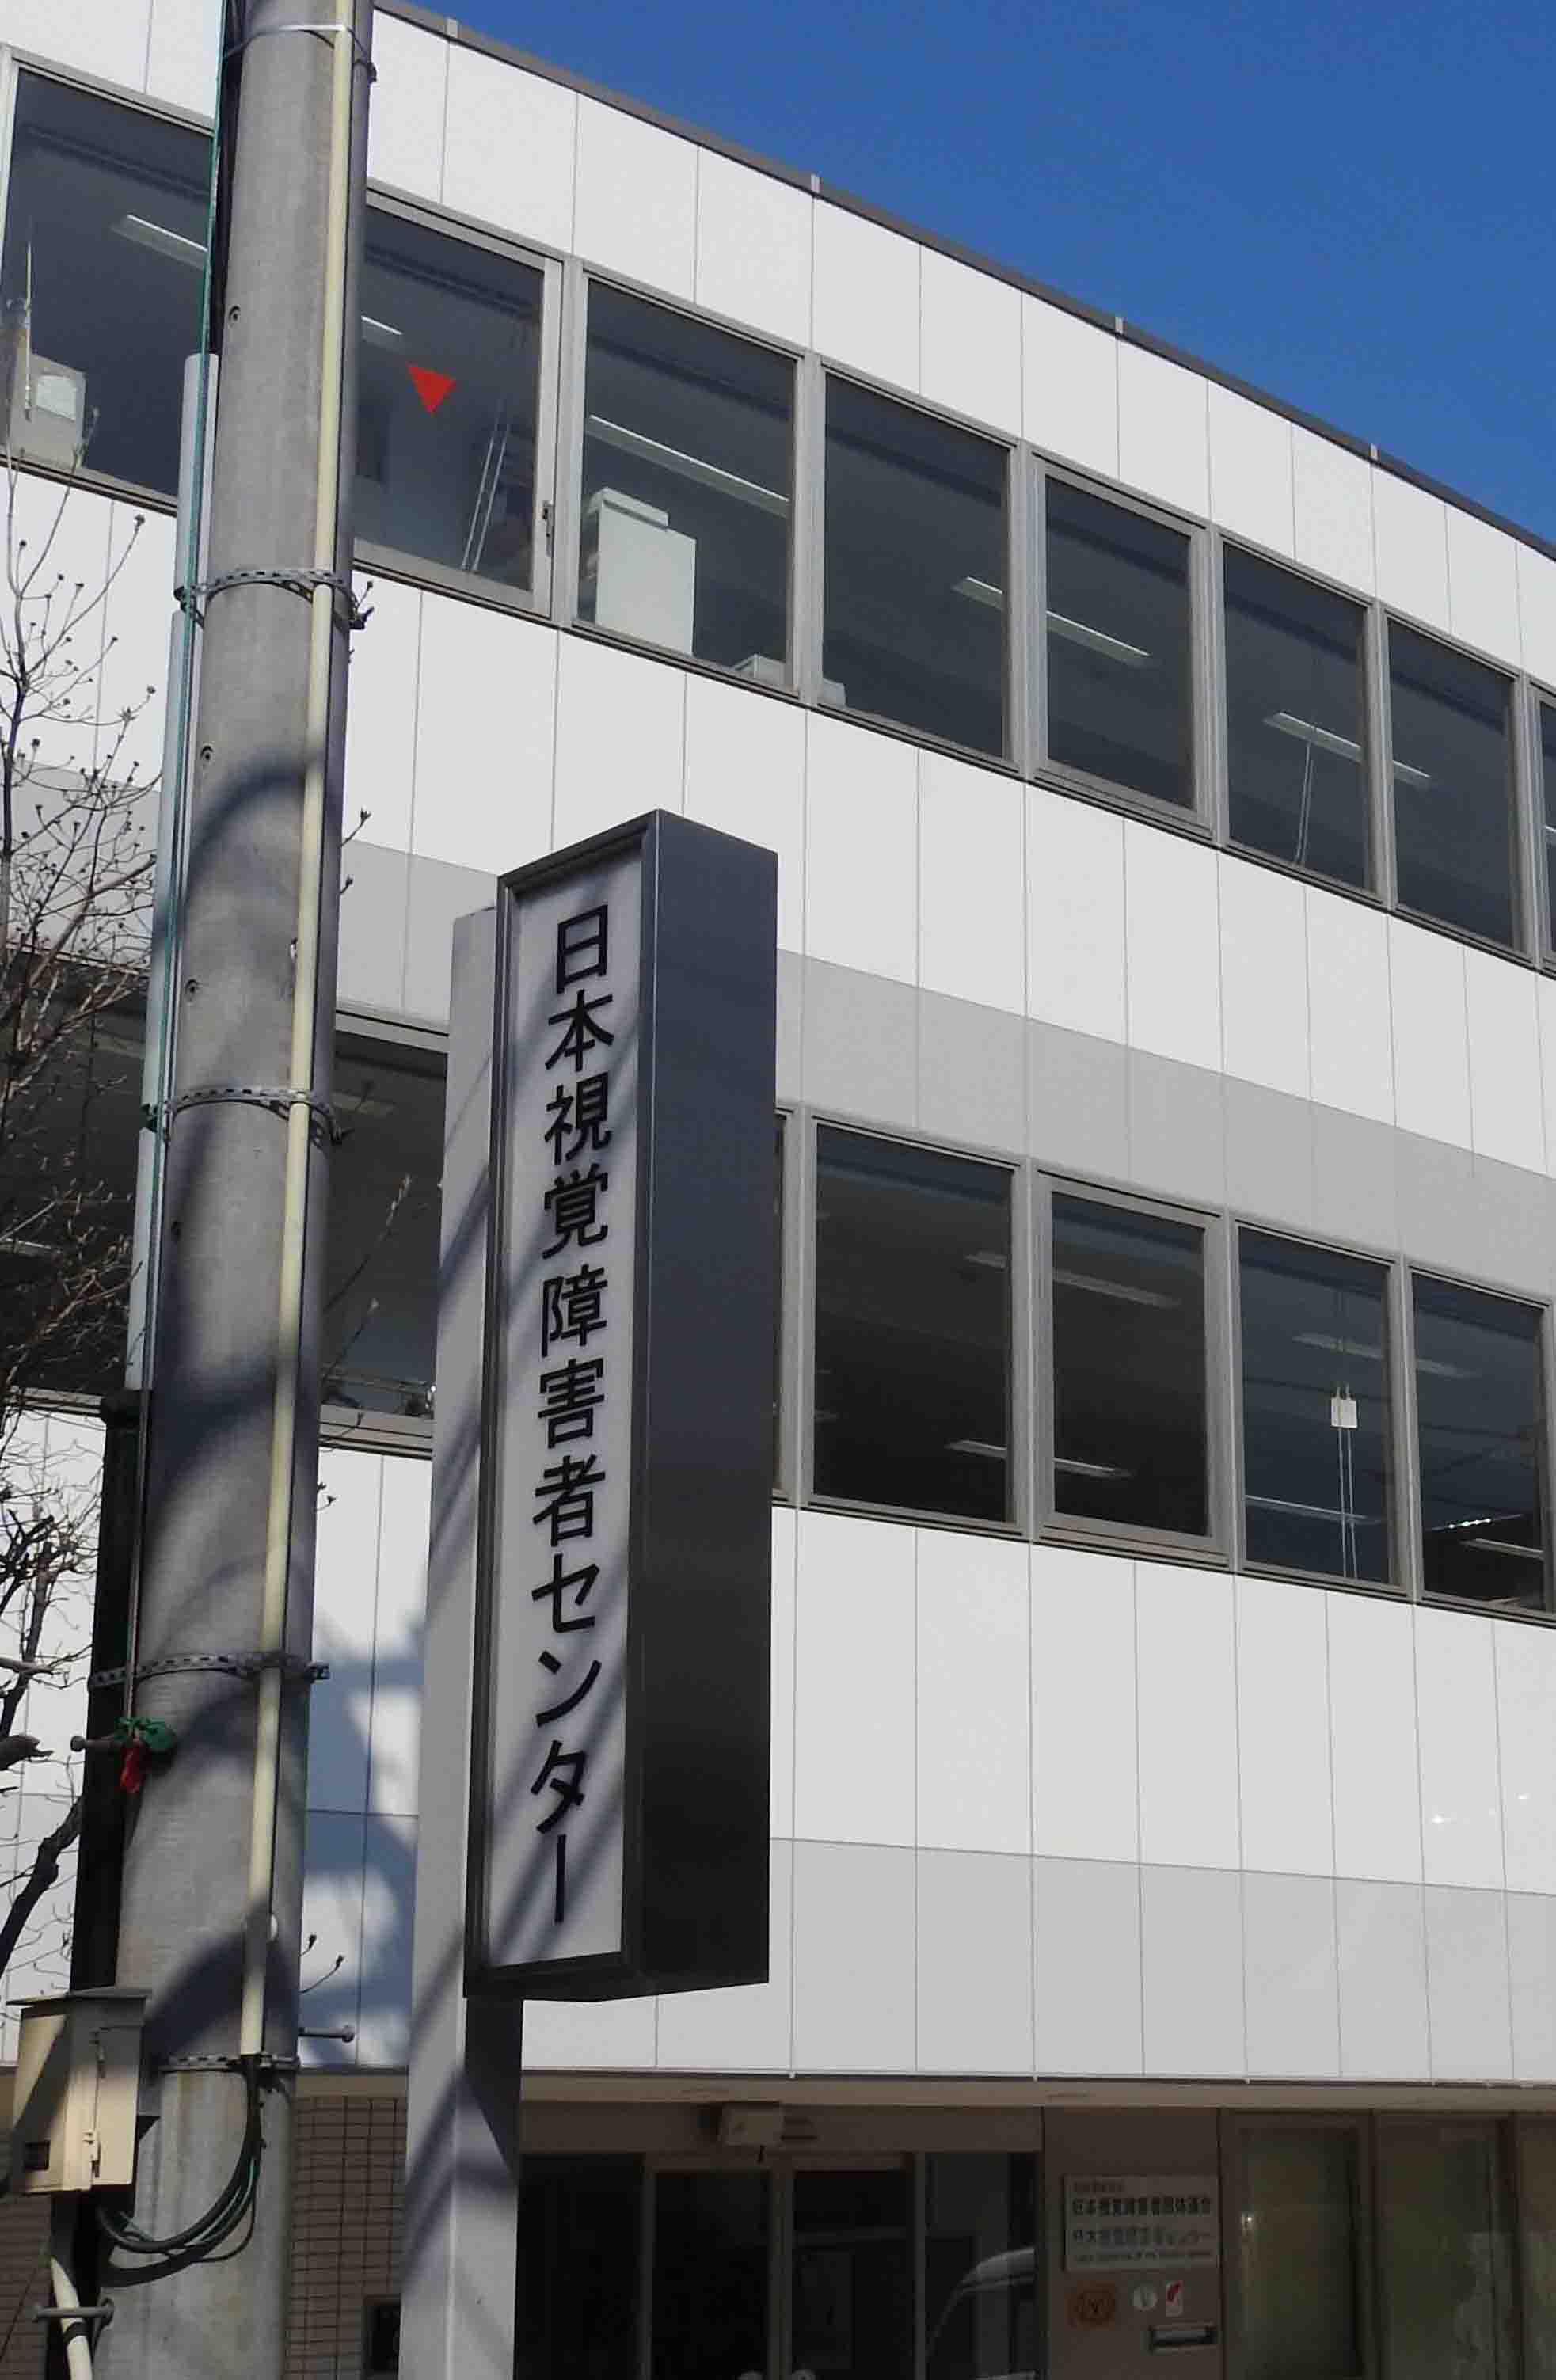 日本視覚障害者センターの看板